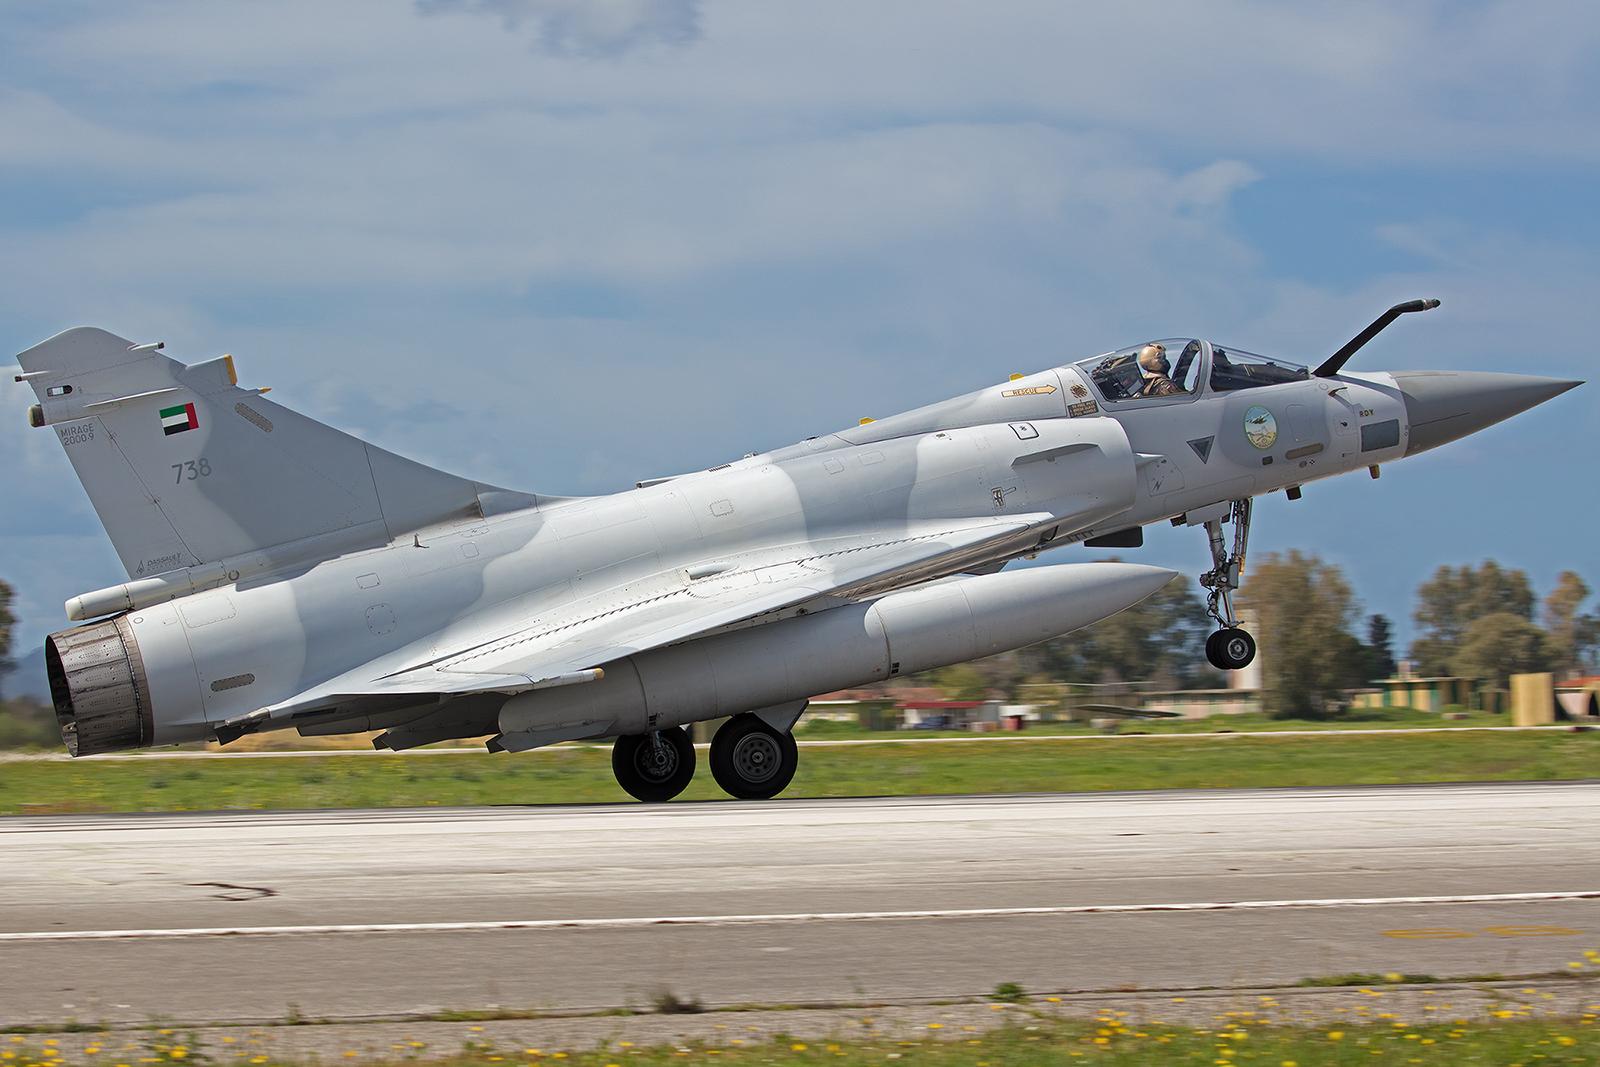 738, AMD Mirage 2000-9 der I Shaheen Sqn aus Al Dhafra (Abu Dhabi).